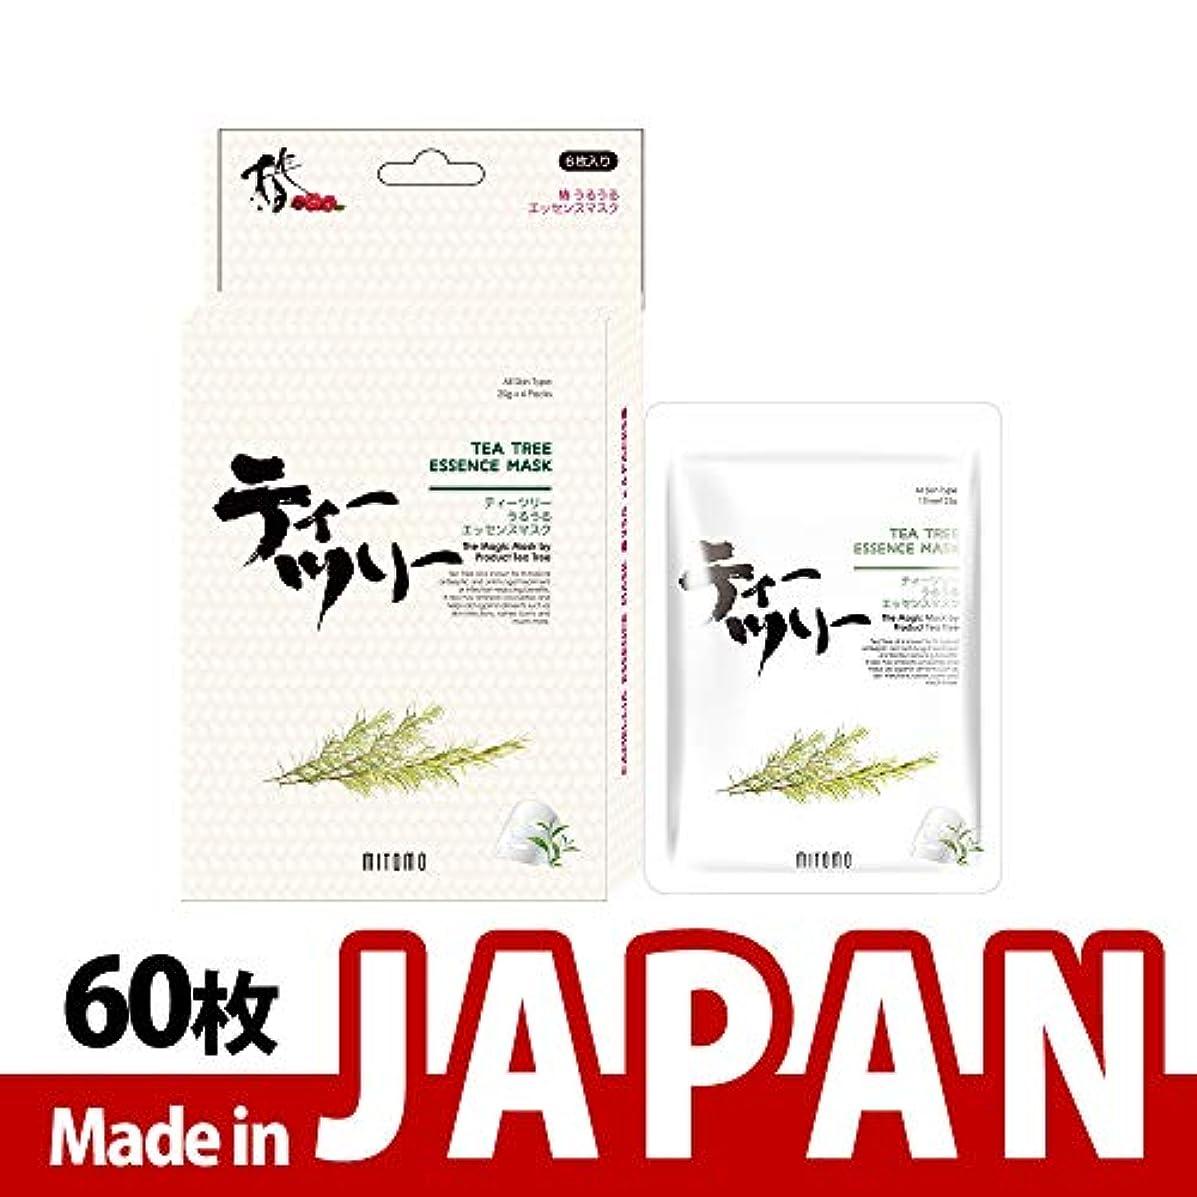 デクリメントにぎやか戦うMITOMO【JP512-D-1】日本製シートマスク/6枚入り/60枚/美容液/マスクパック/送料無料